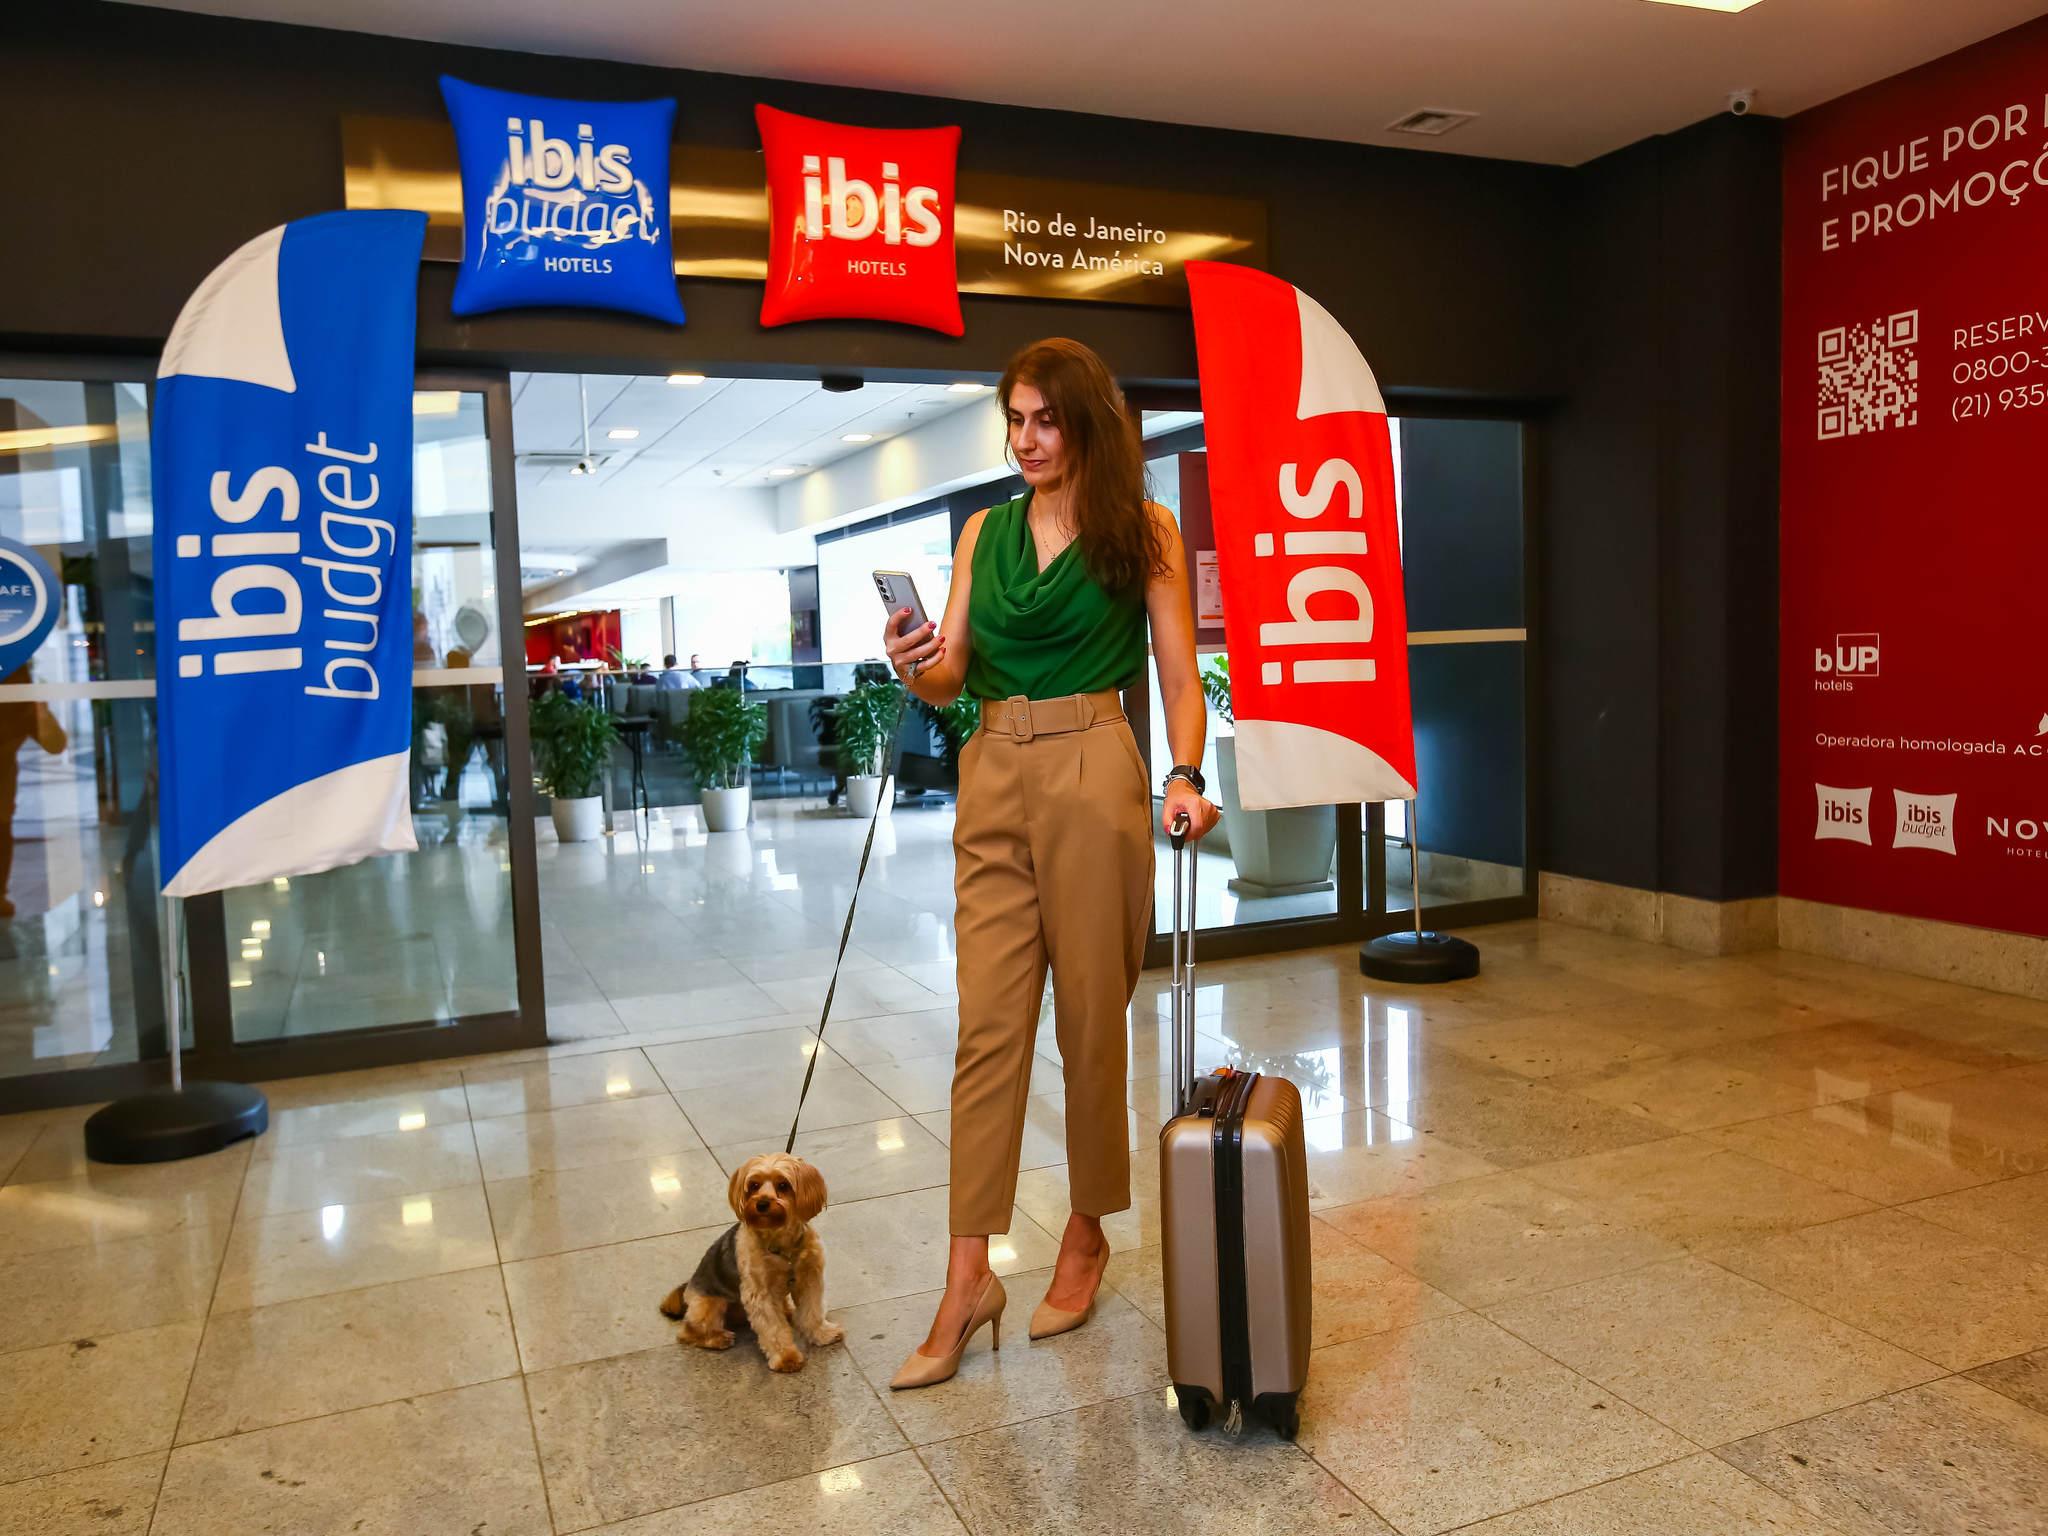 Hotell – ibis budget Rio de Janeiro Nova America